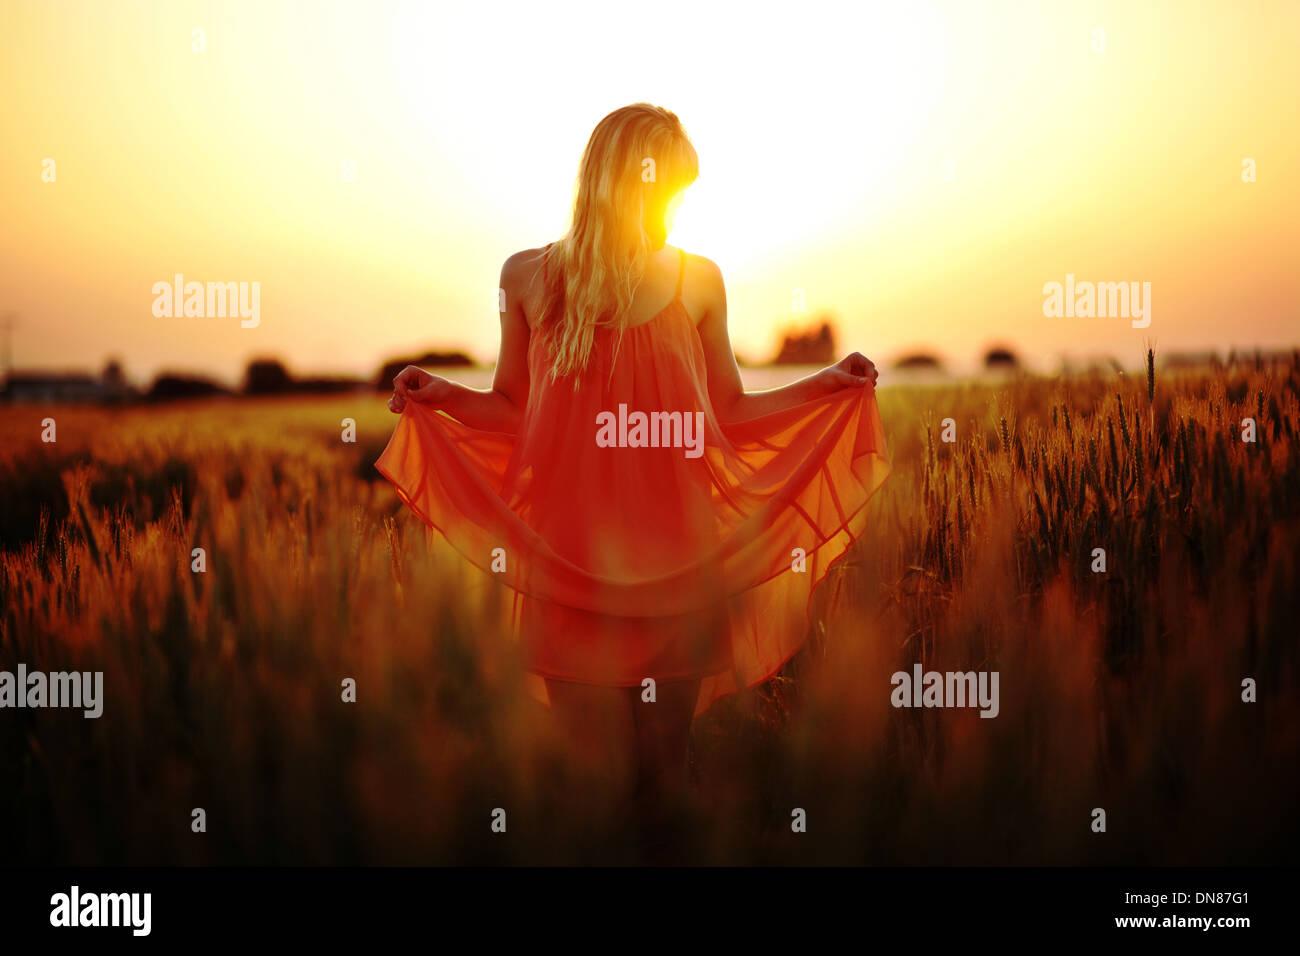 Donna con abito in piedi la cornfield al tramonto Immagini Stock